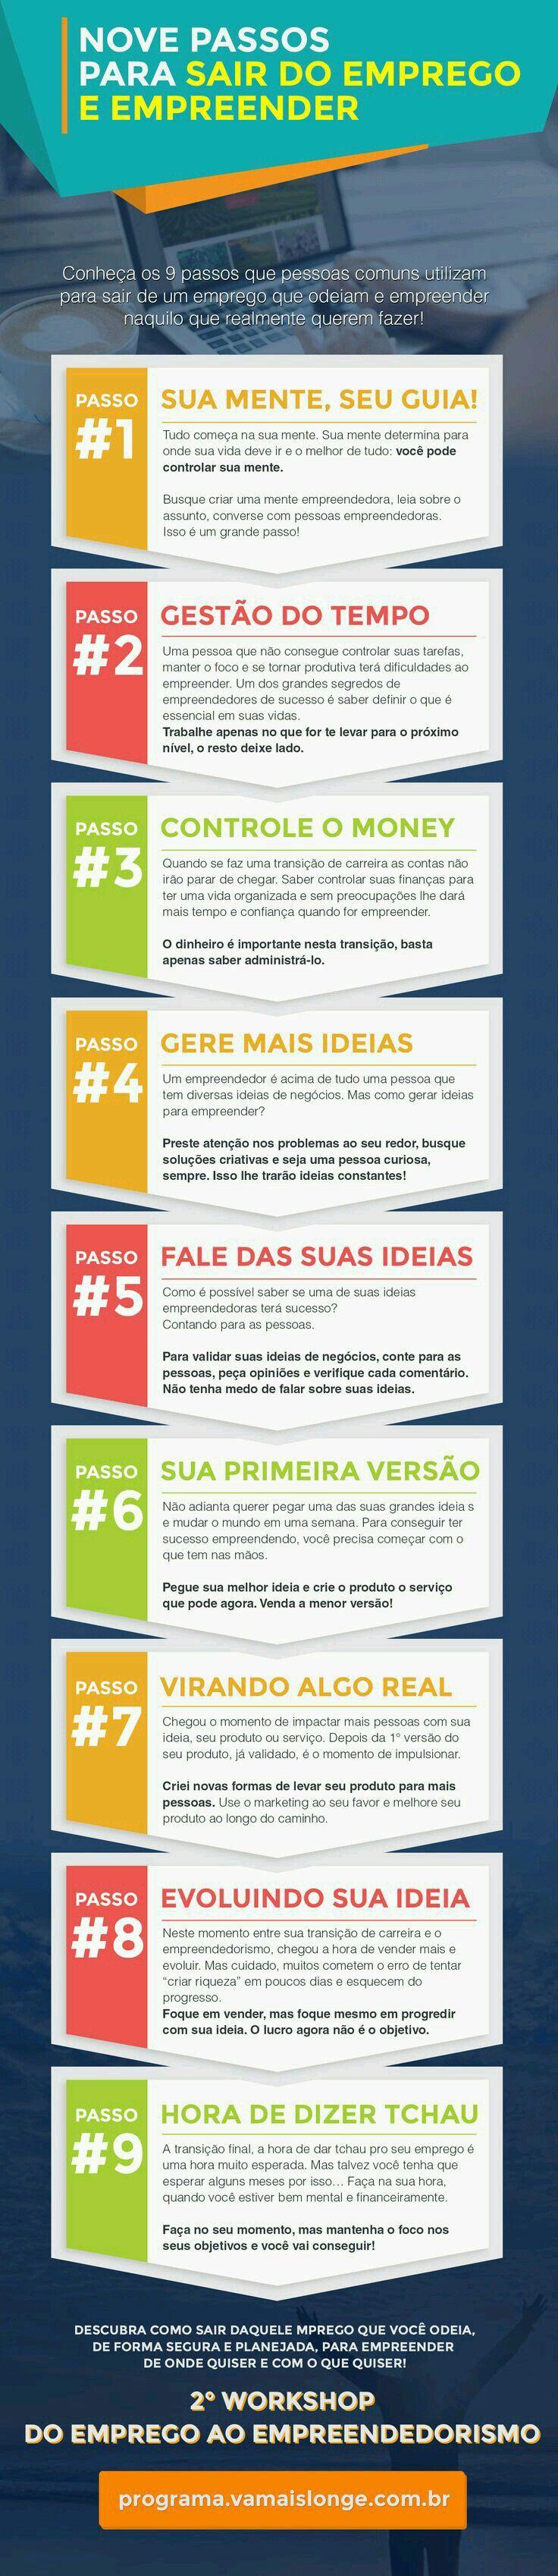 9 passos para sair do emprego e #empreender